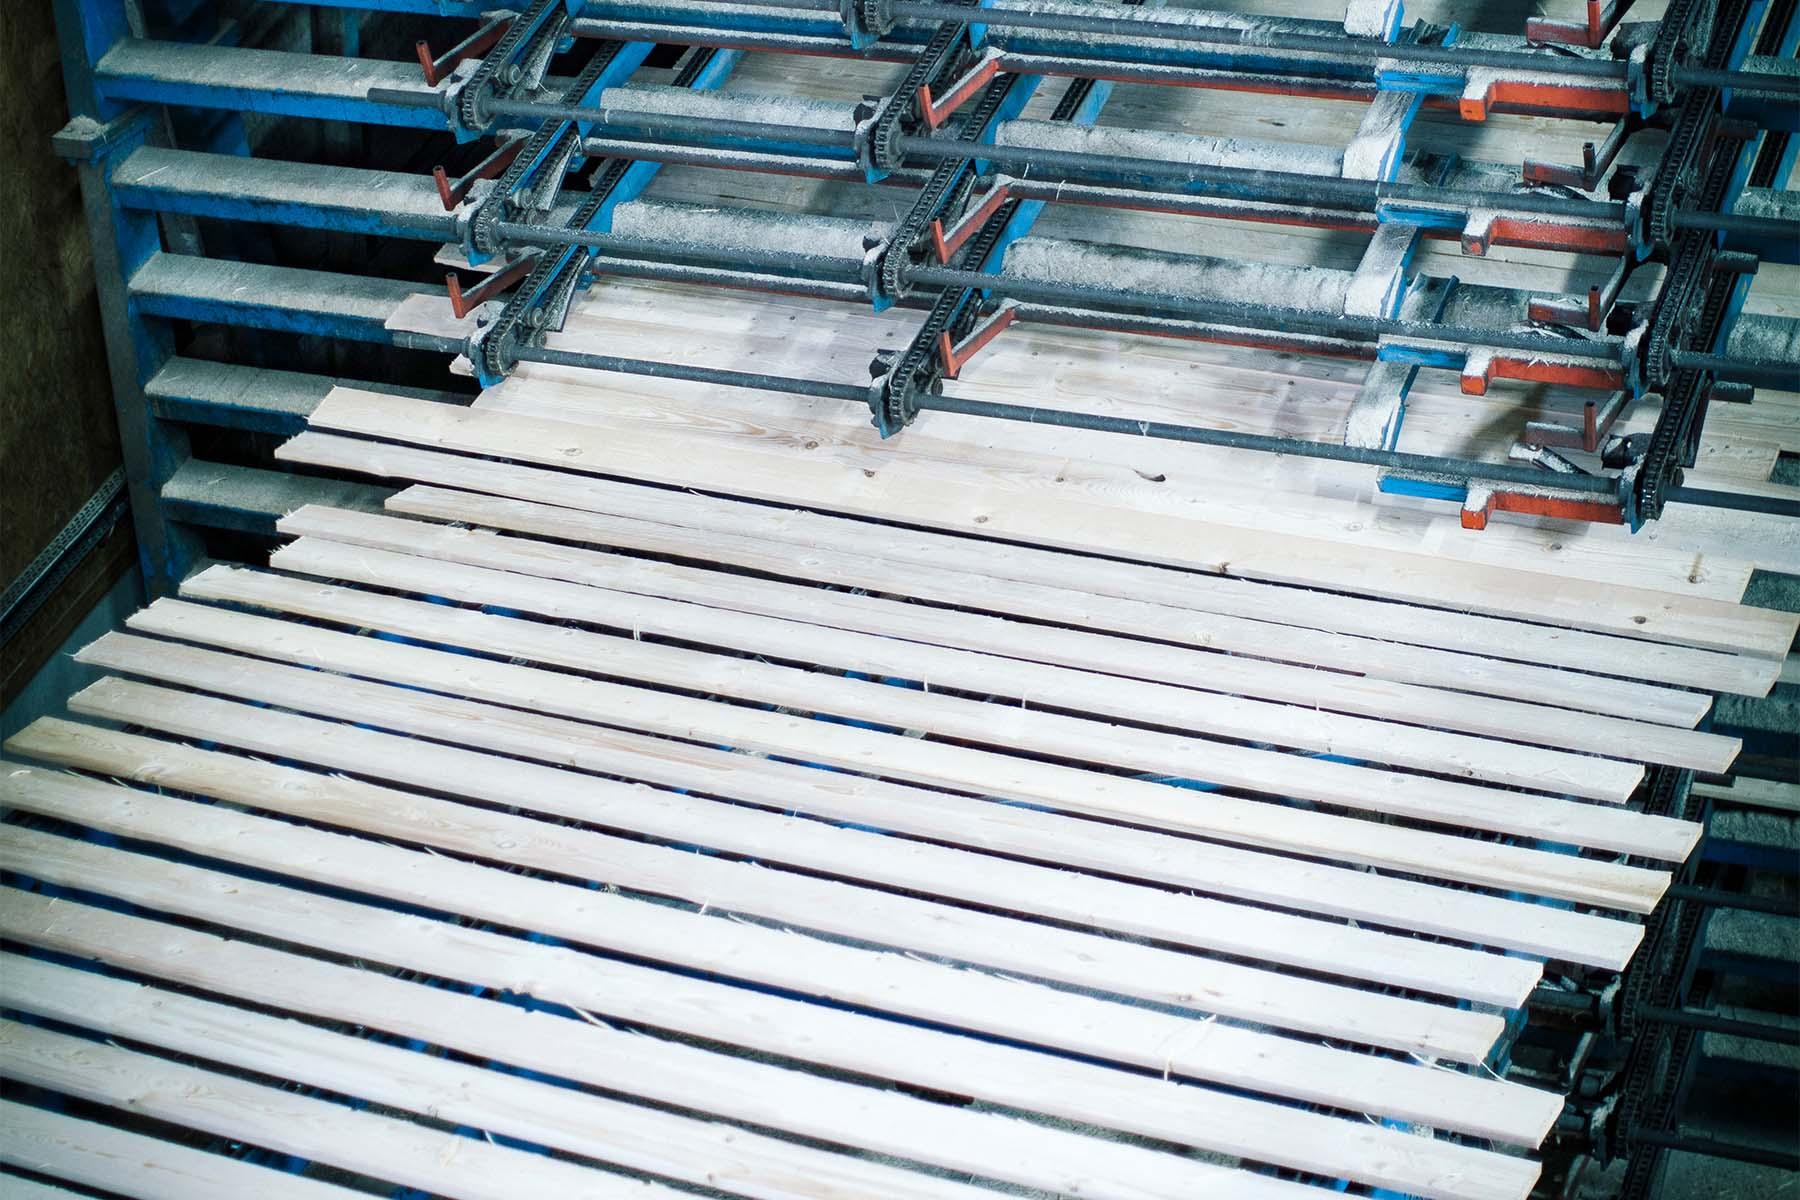 Vida satsar för framtiden - investering på sågverket i Urshult